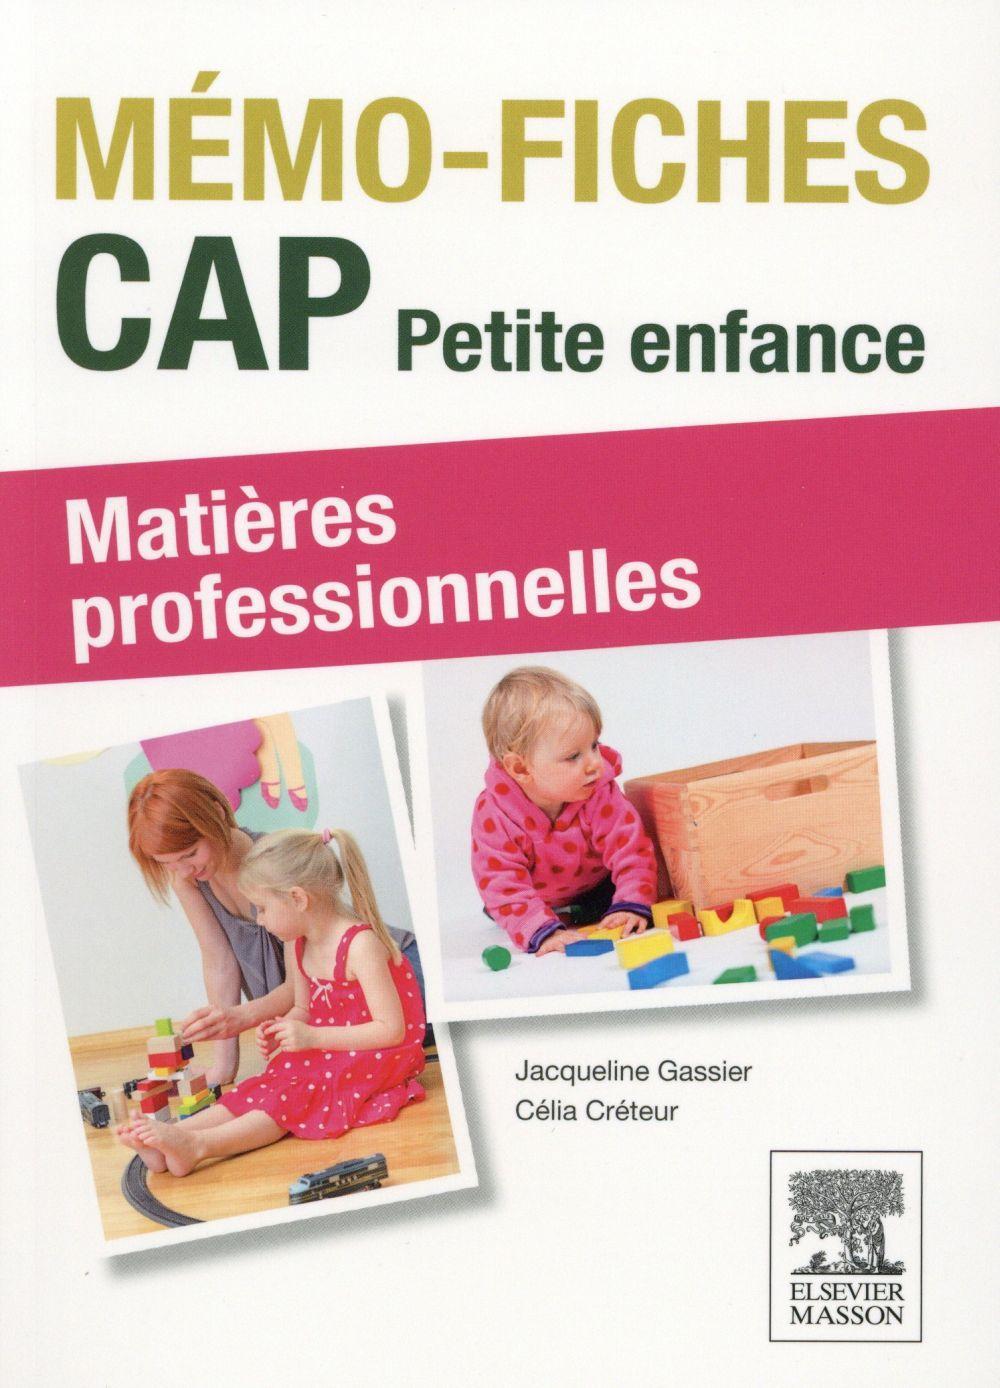 Memo Fiches Cap Petite Enfance 2e Edition Jacqueline